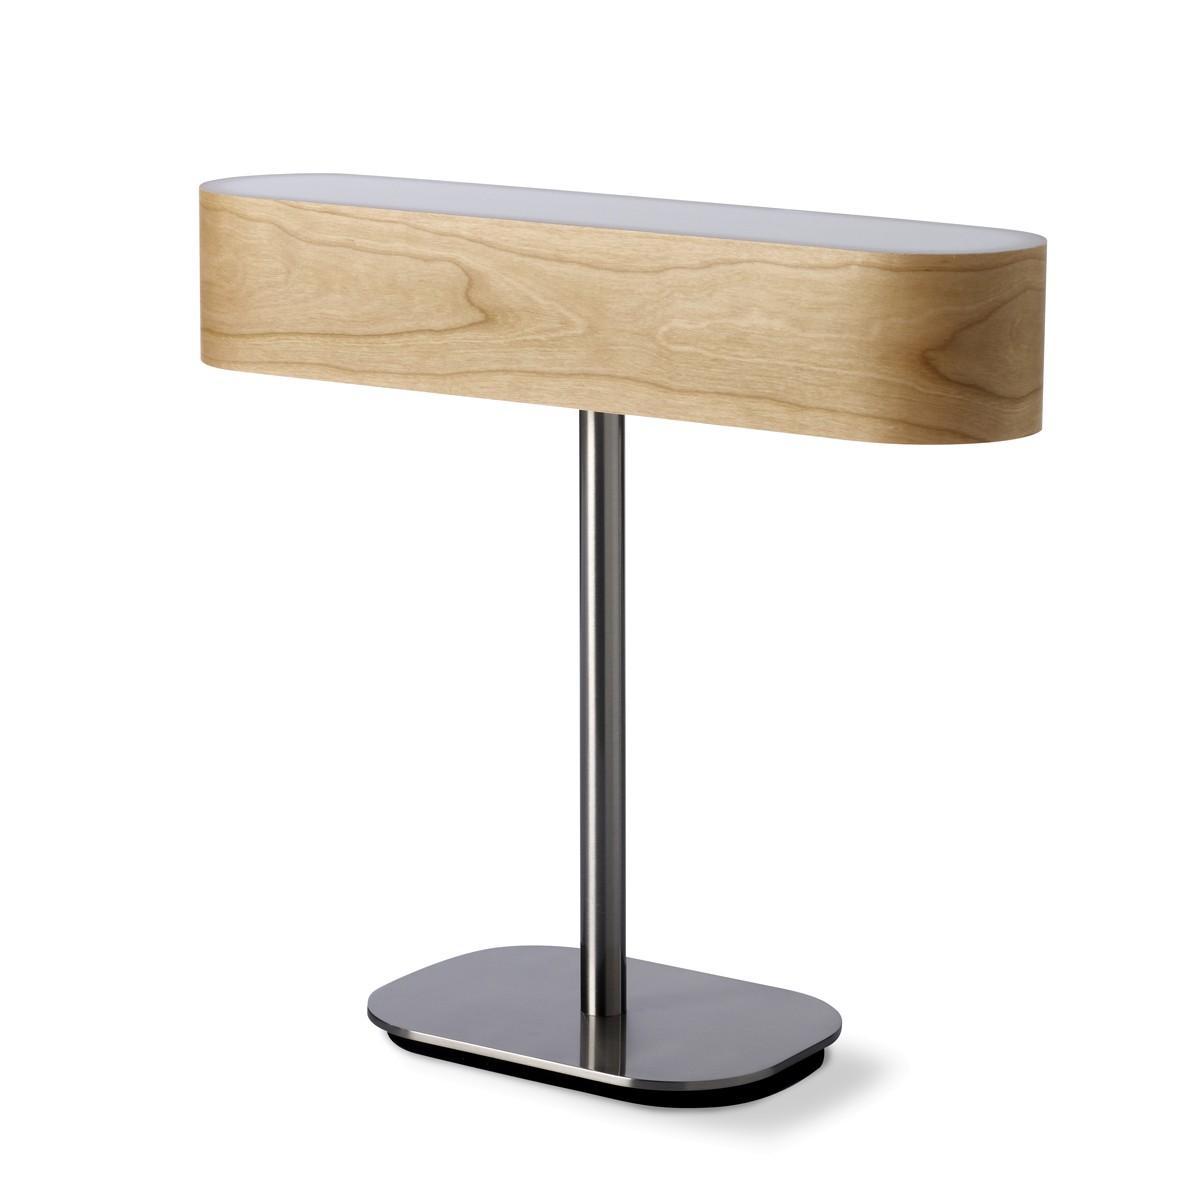 LZF Lamps I-Club LED Tischleuchte, Schirm: Kirsche